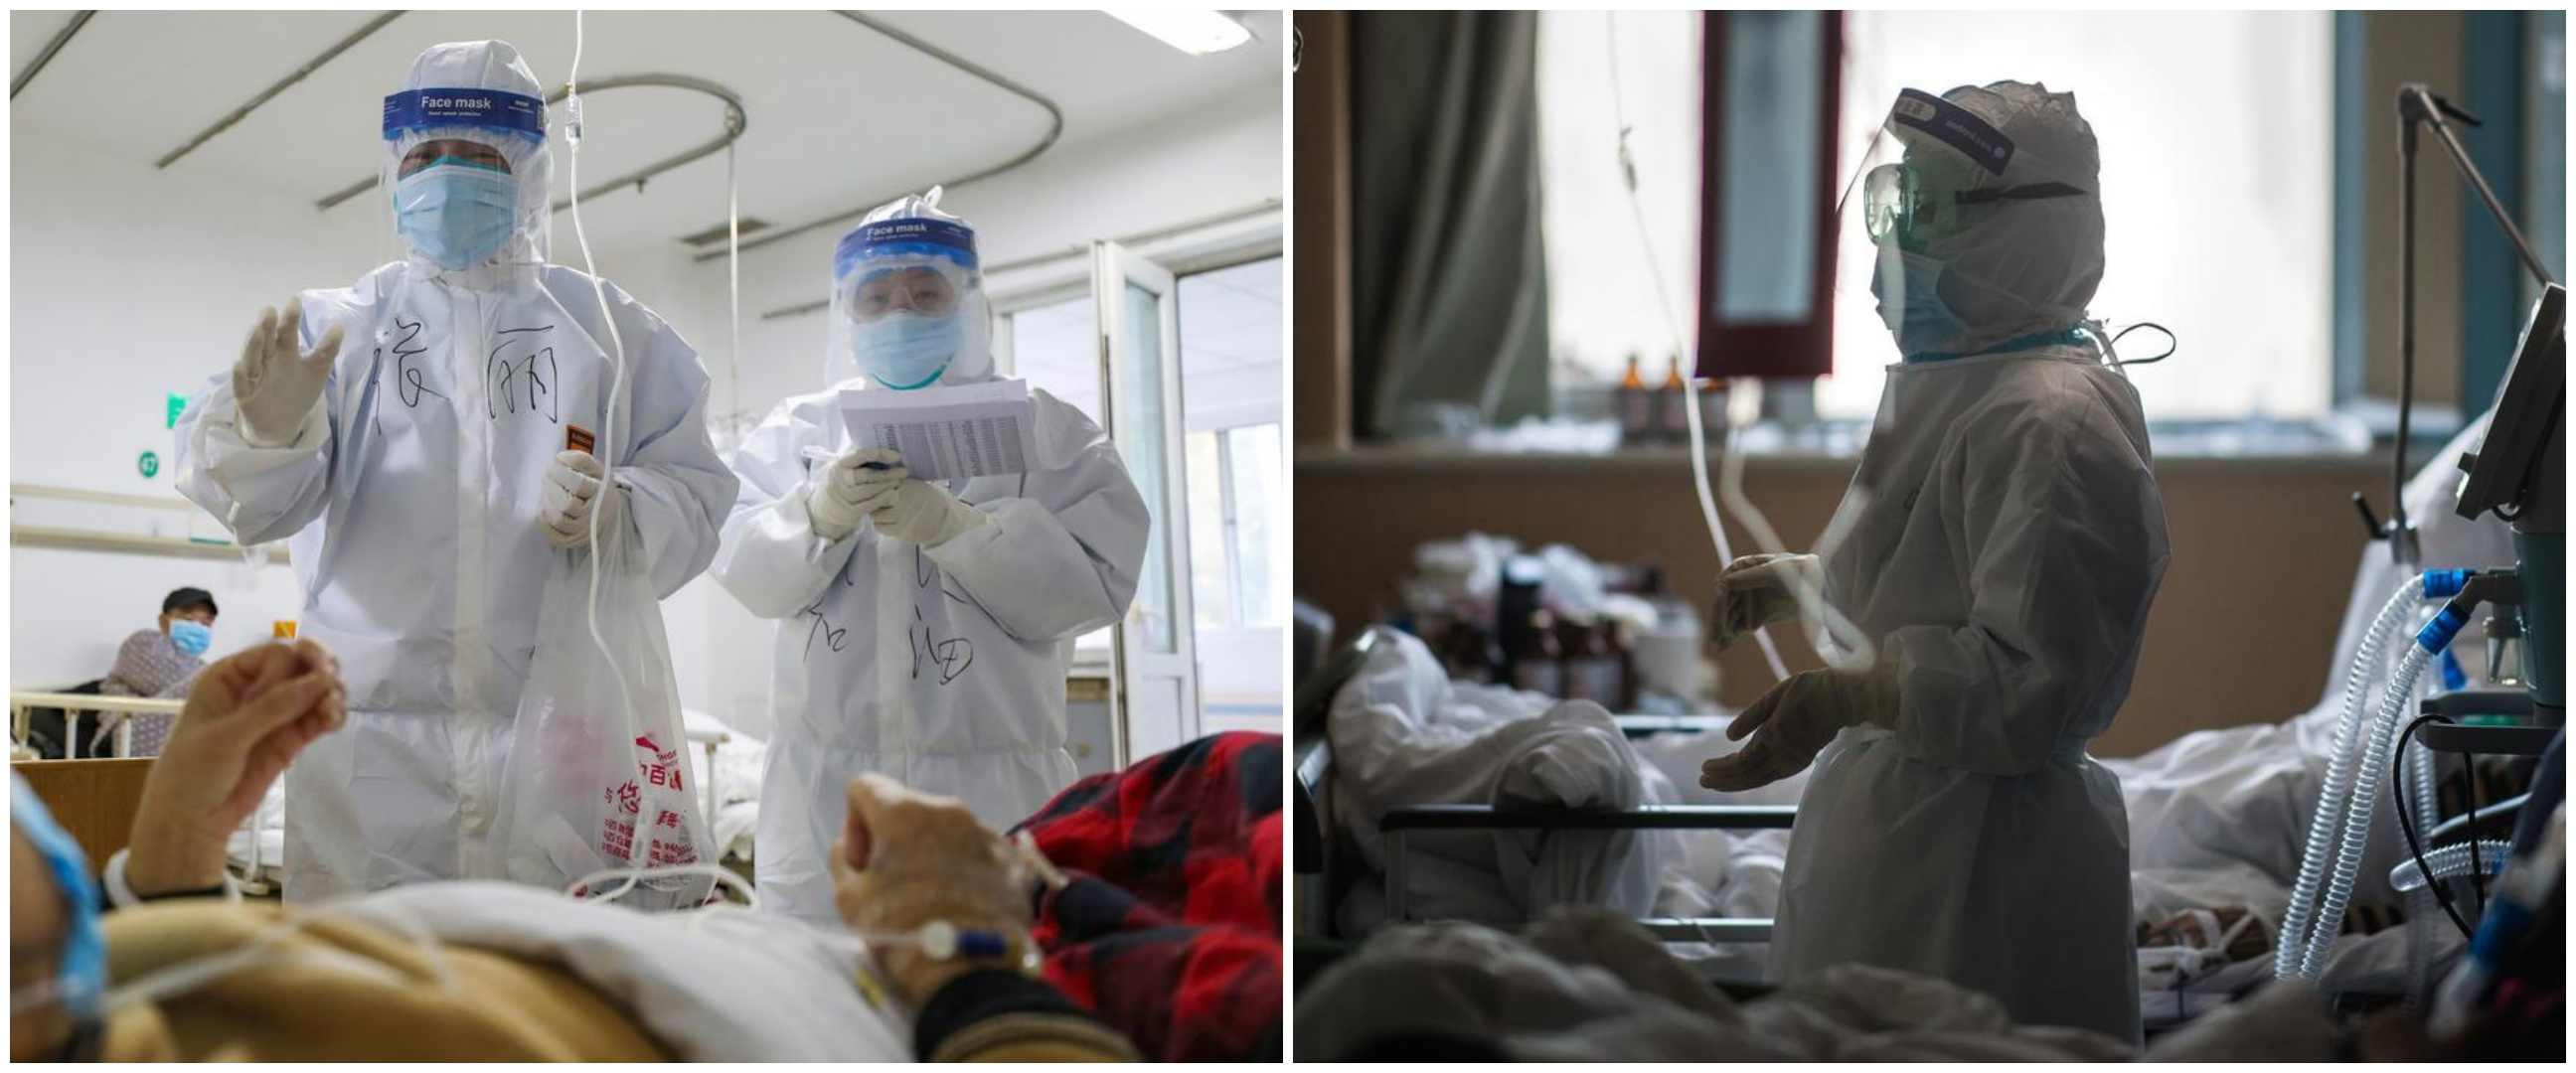 Warna kulit dokter Wuhan menghitam karena corona, ini potretnya